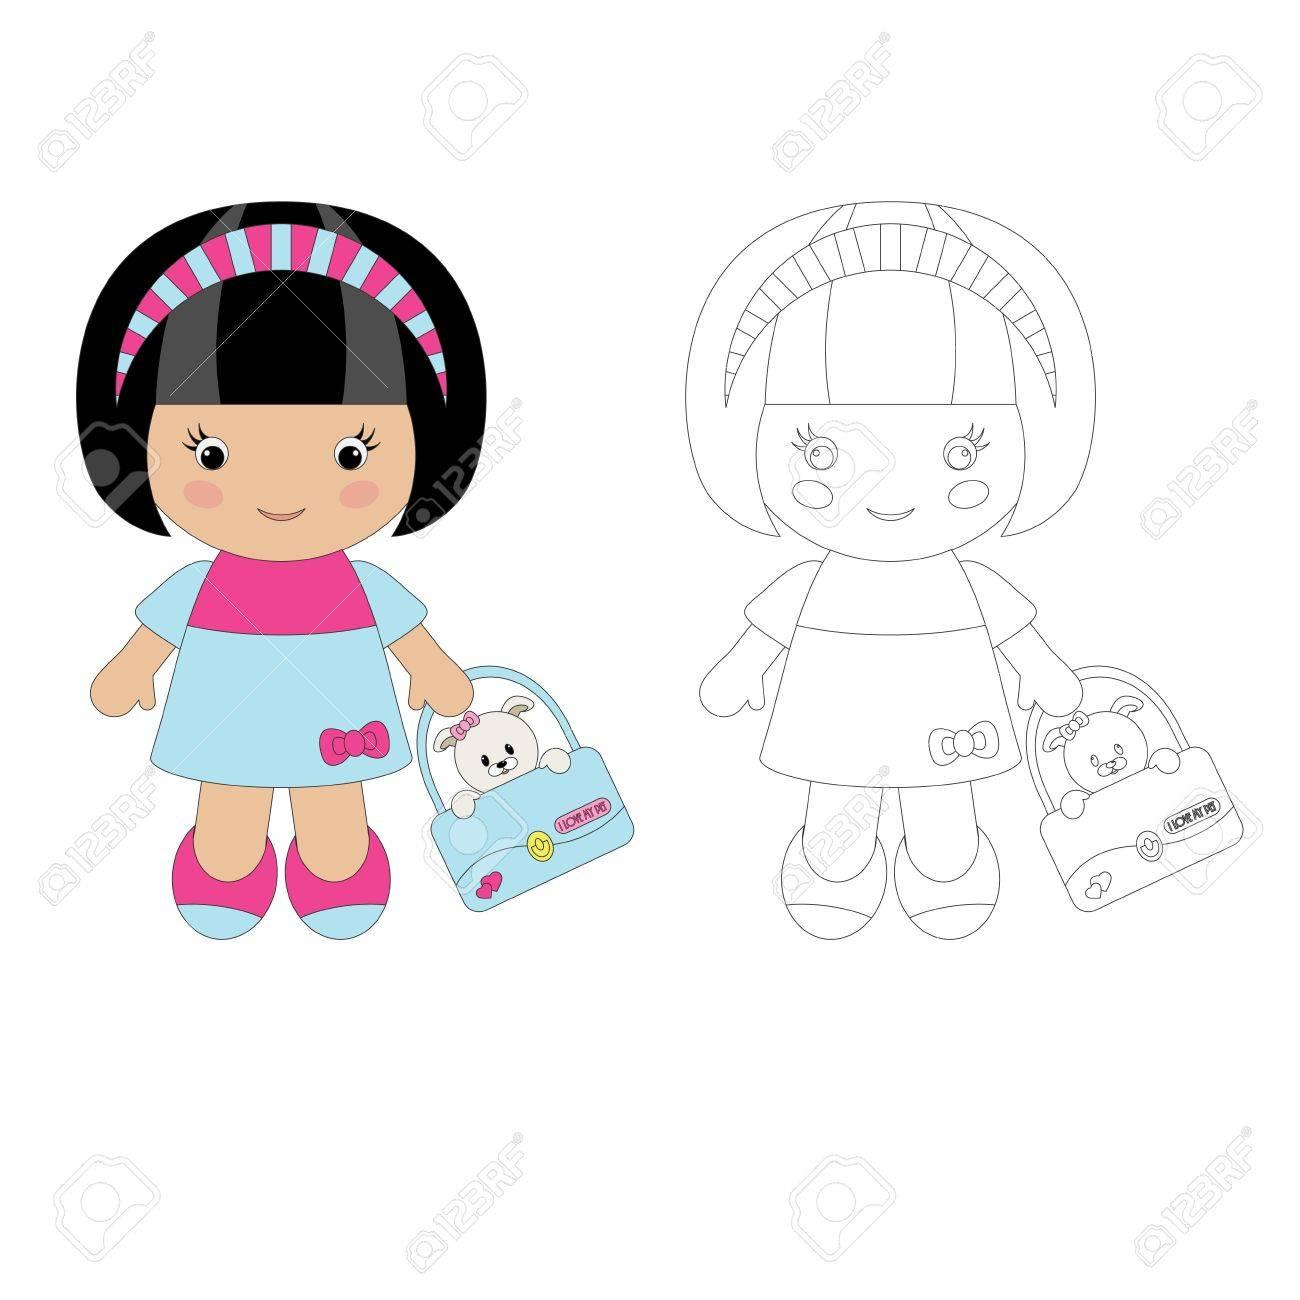 子供のためのぬりえかわいい女の子と彼女のペットのイラスト素材